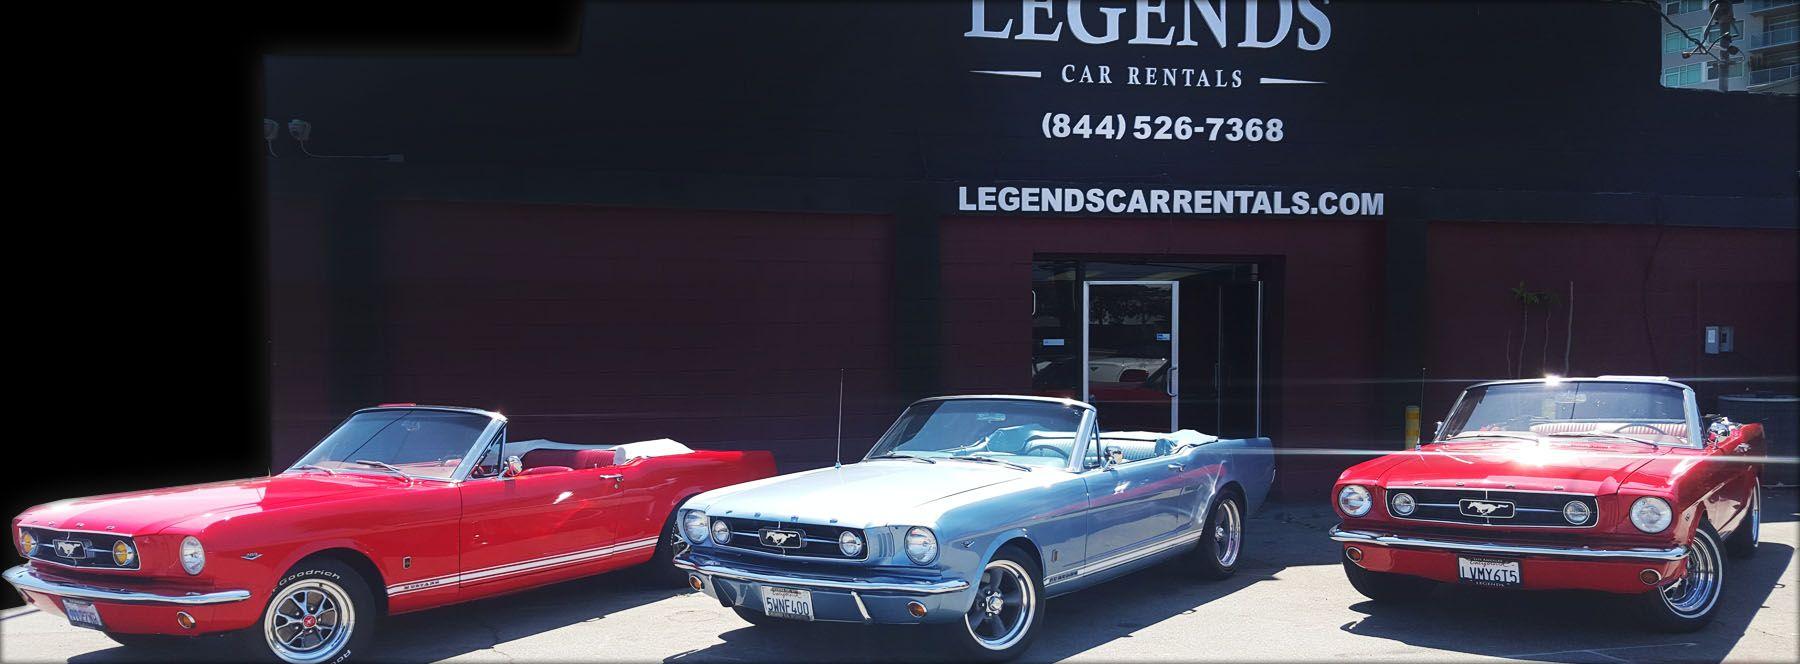 Luxury Car Rental Los Angeles Luxury Car Rental Los Angeles